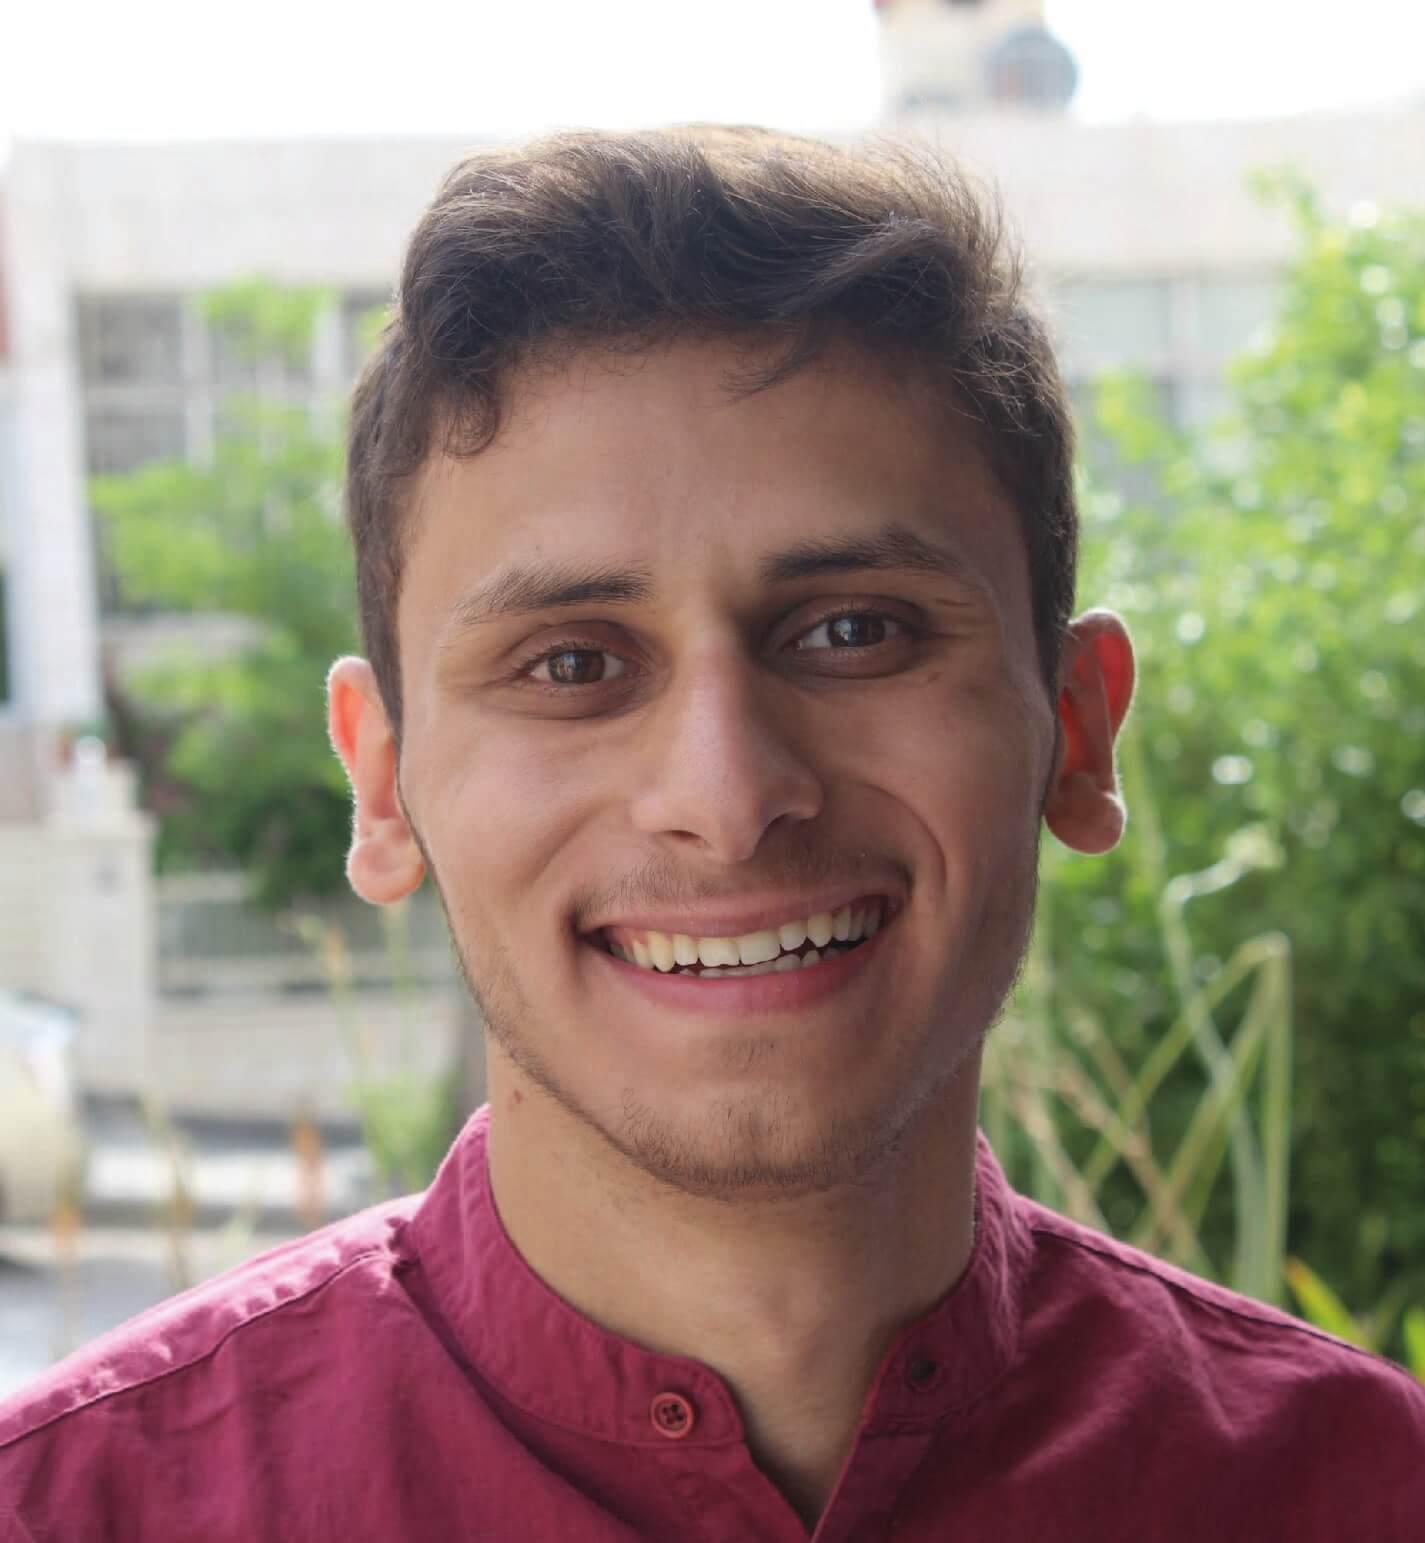 AbdAlrahman jamal